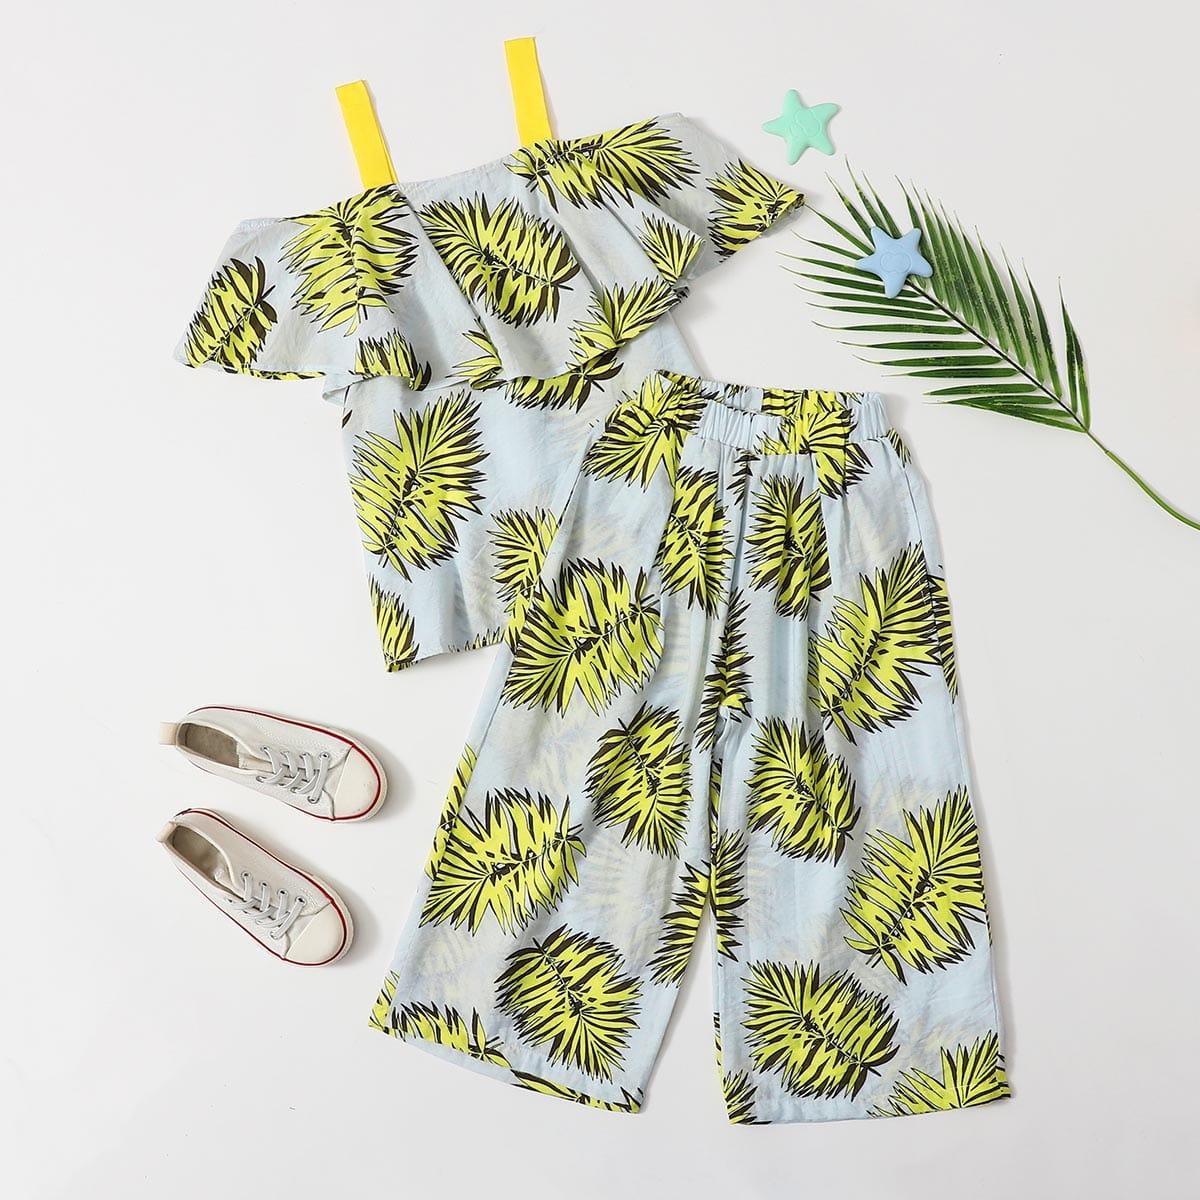 SHEIN / Schulterfreie Bluse mit Blatt Muster & Hose